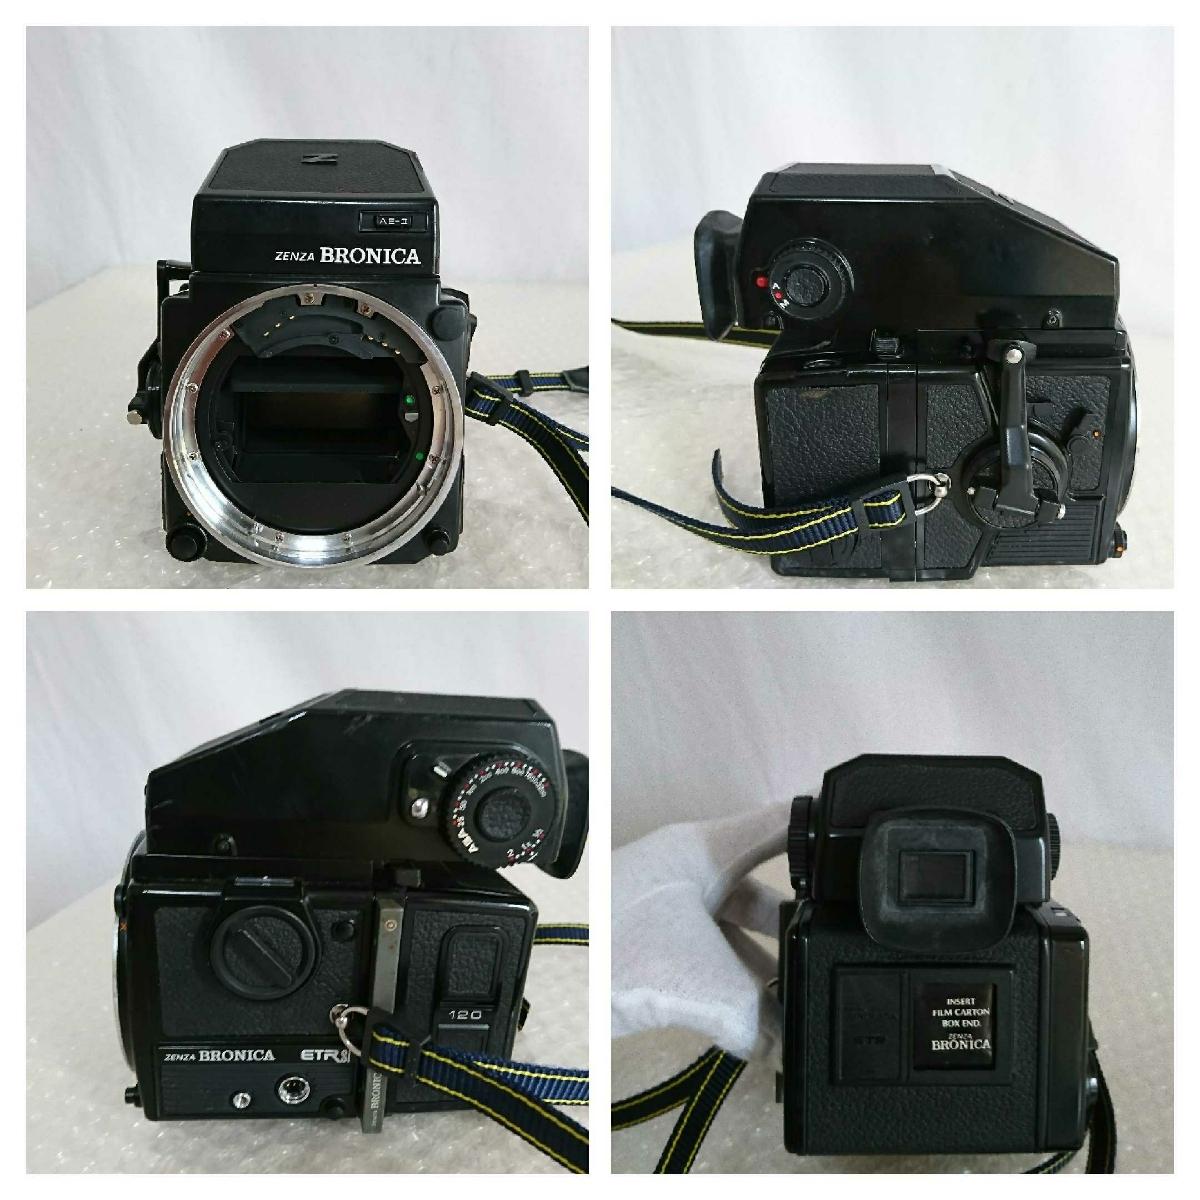 ZENZA BRONICA ゼンザブロニカ ETRSi + レンズ ZENZANON MC 50mm 1:2.8 等 3本 + フィルムパック 2個 + フィルター セット まとめ まとめて_画像2